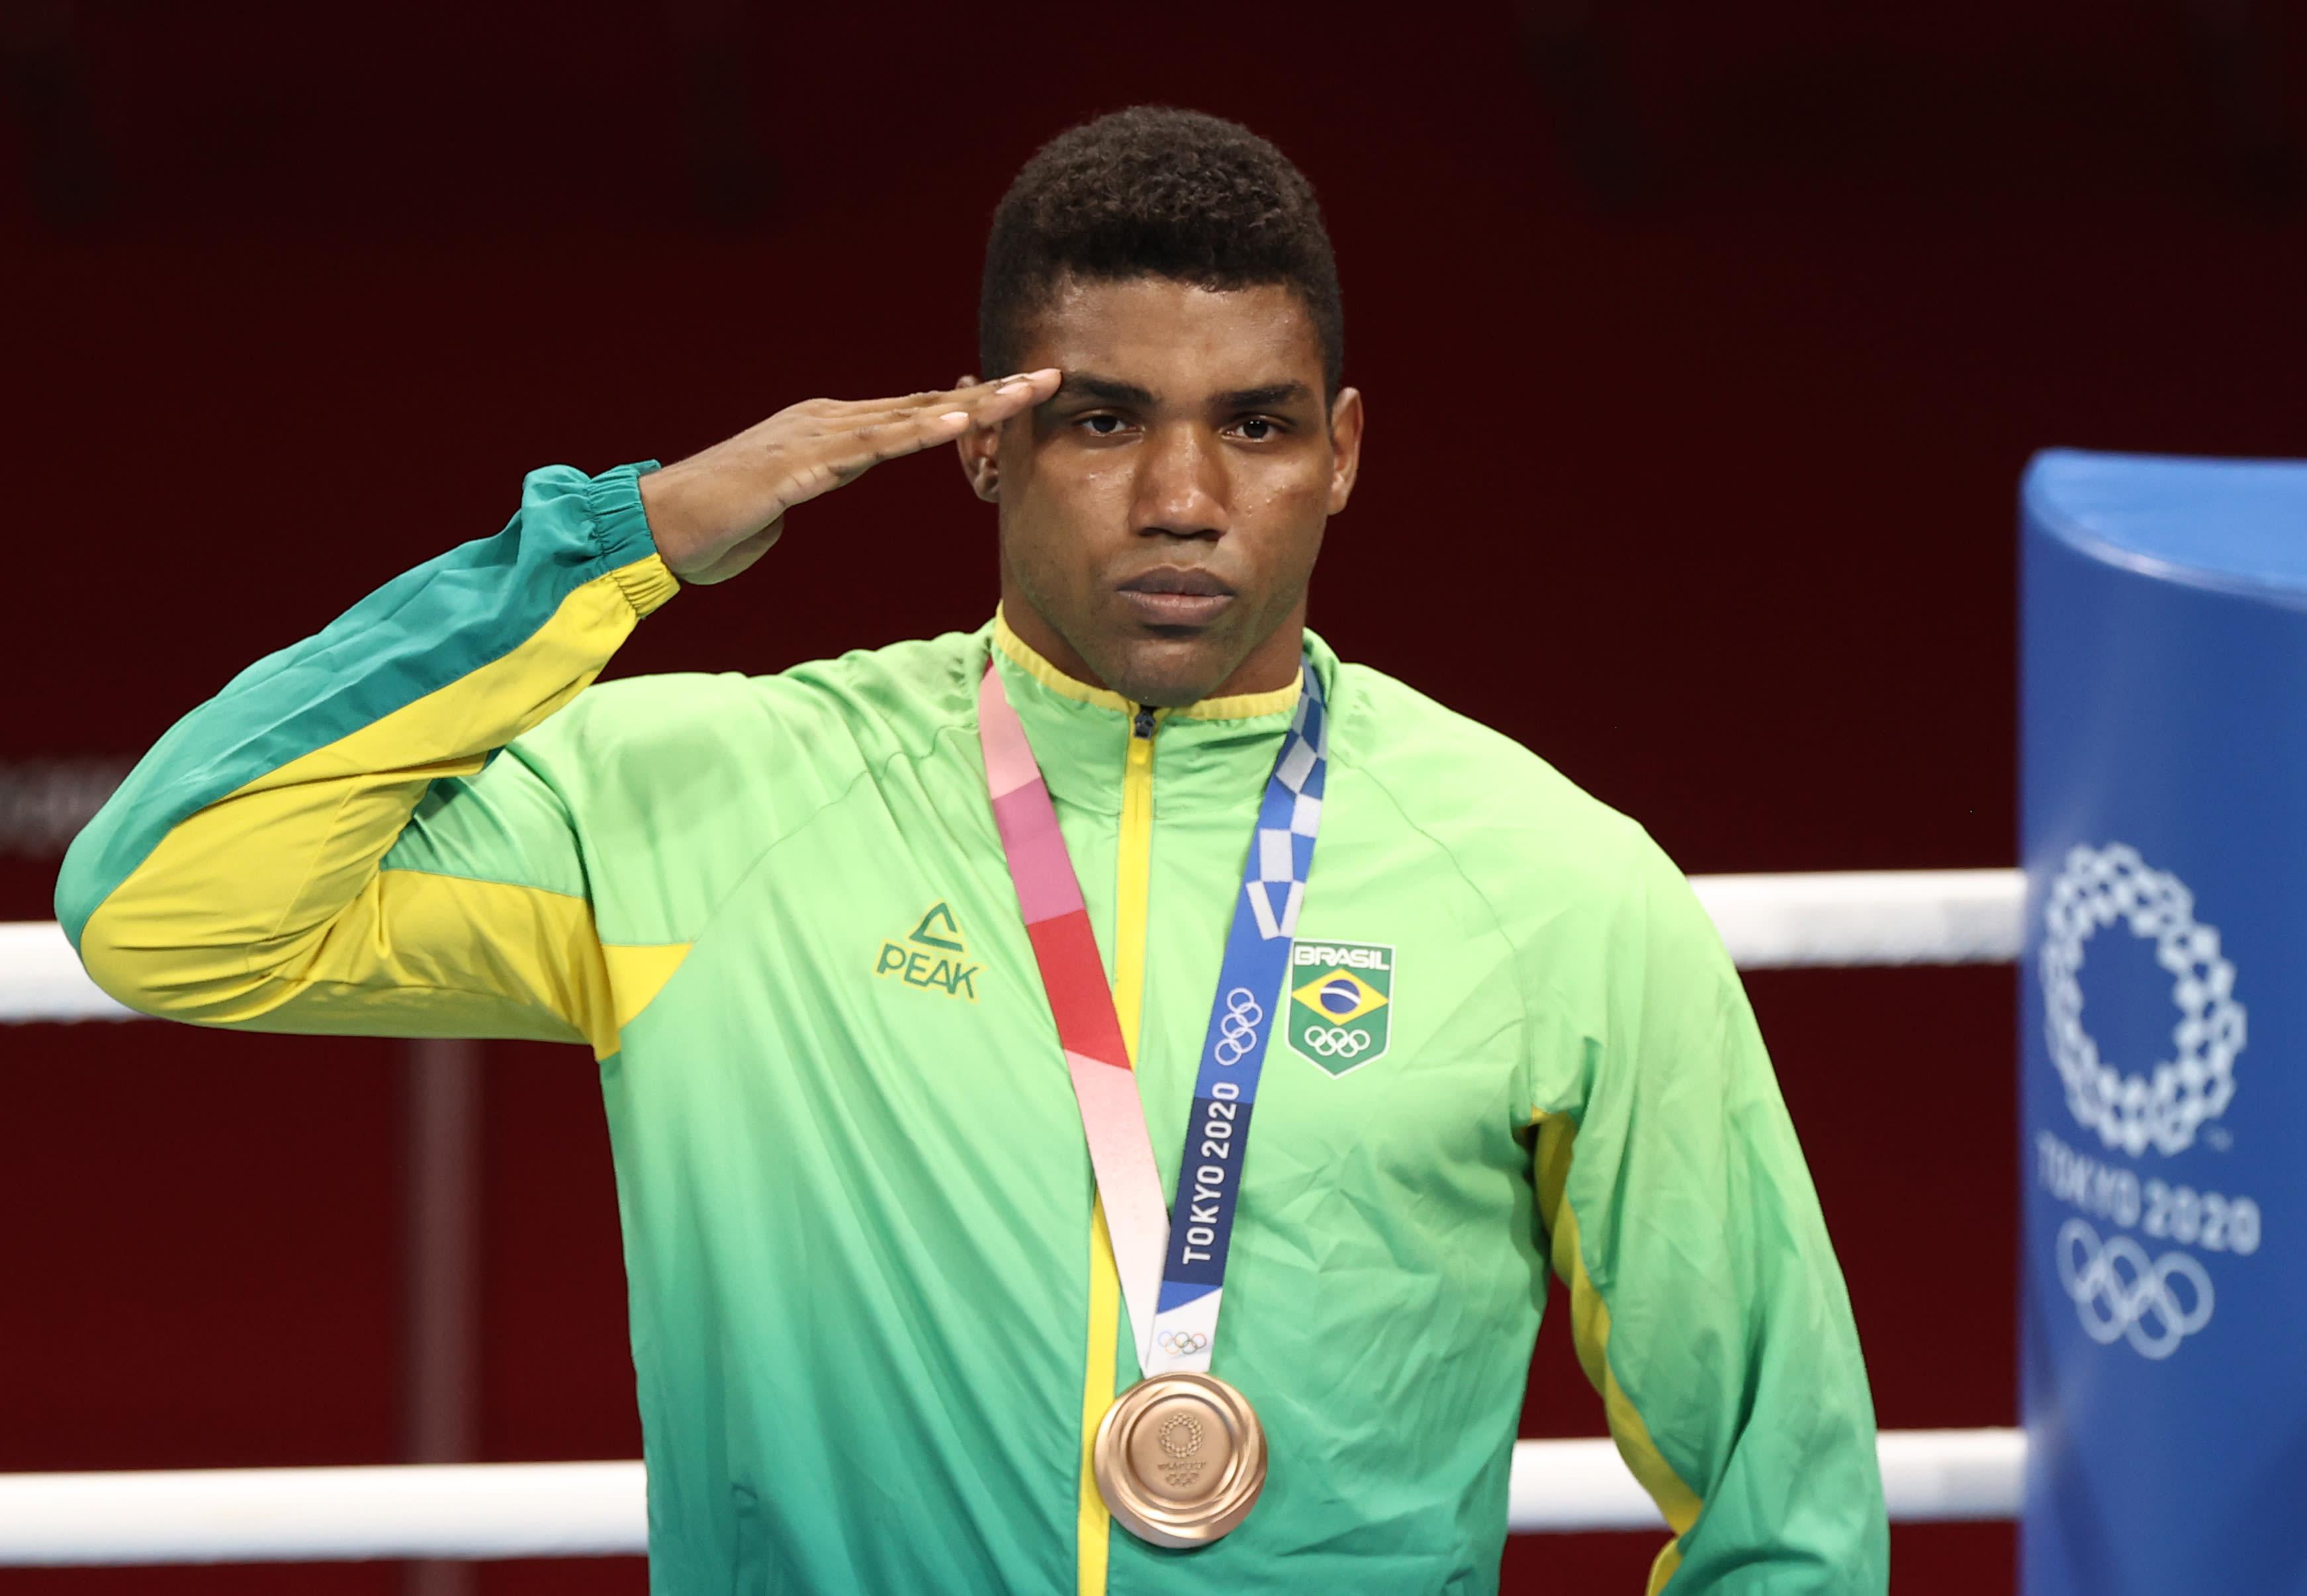 Abner batendo continência, com a medalha de bronze no peito.